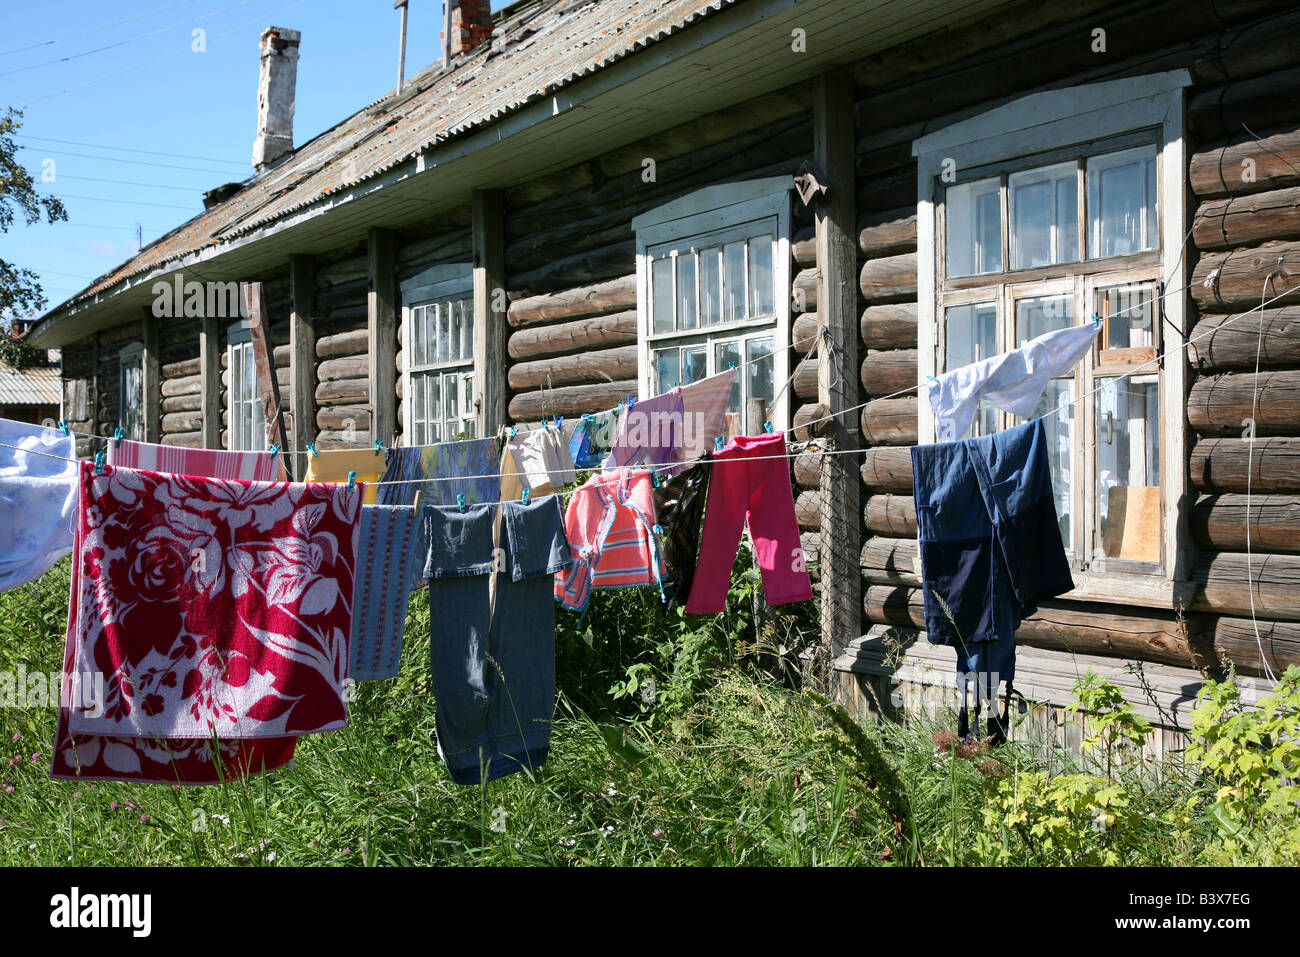 Waschen, Wäsche trocknen draußen in der Kaserne der Solovki ...